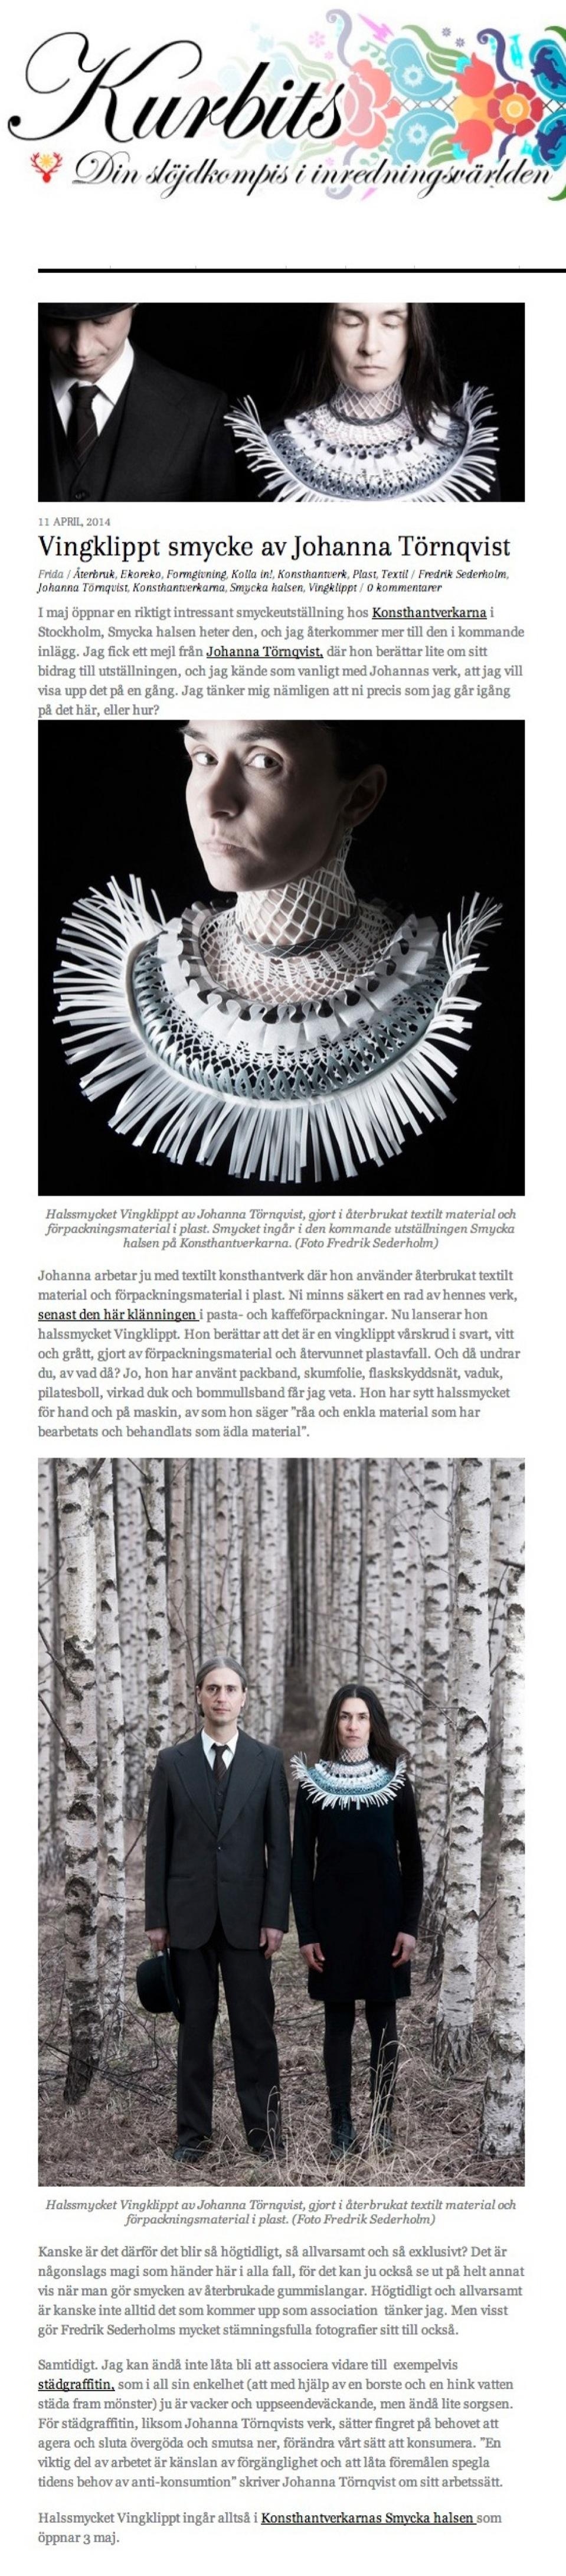 Kurbits 2014: Vingklippt smycke av Johanna Törnqvist